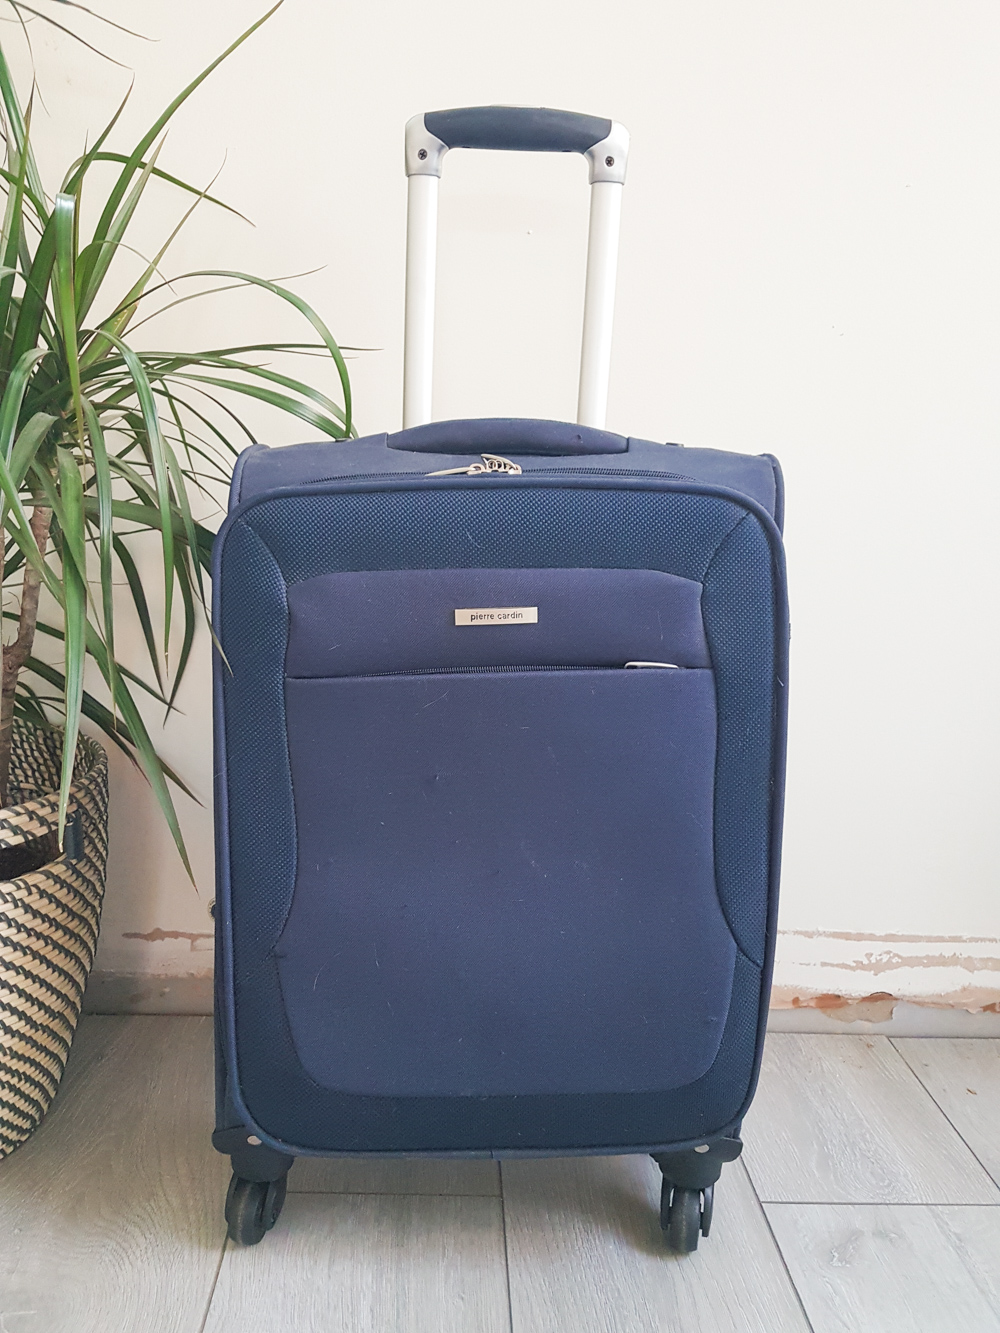 Cabin Backback vs Cabin Suitcase